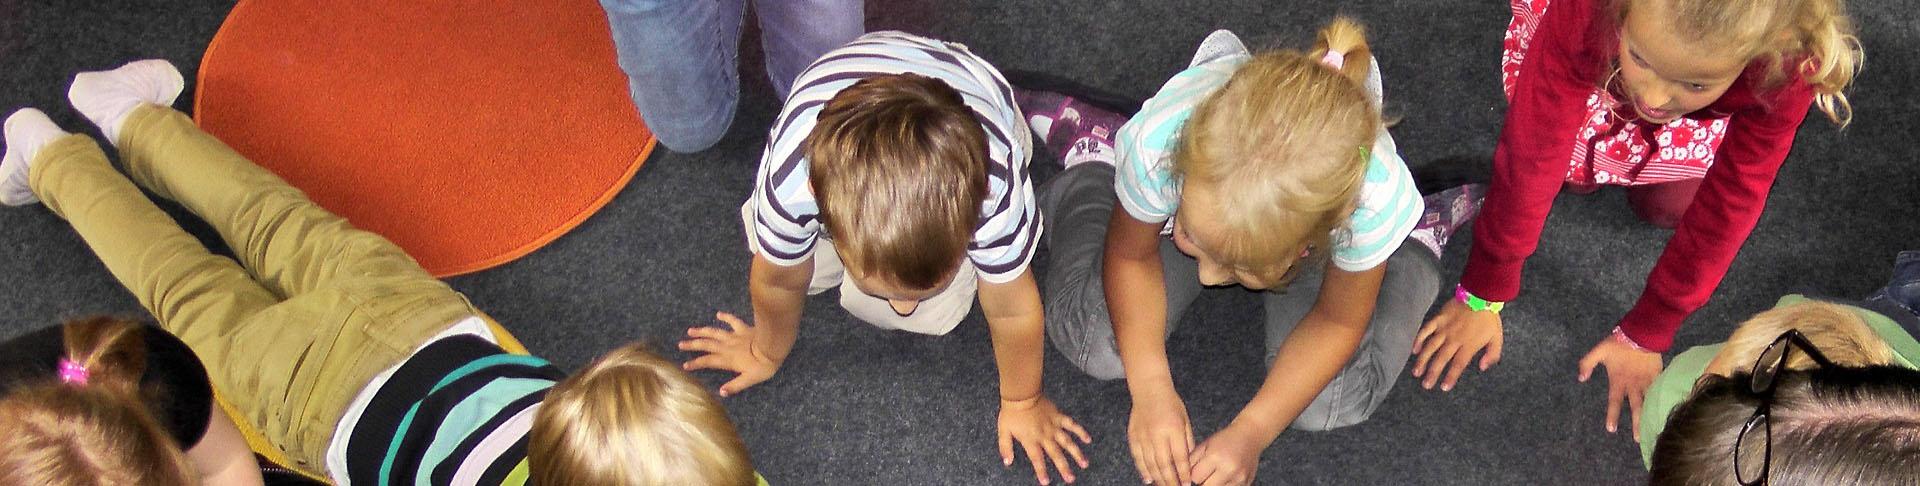 Kinder am Boden sitzend von oben ,© cc0